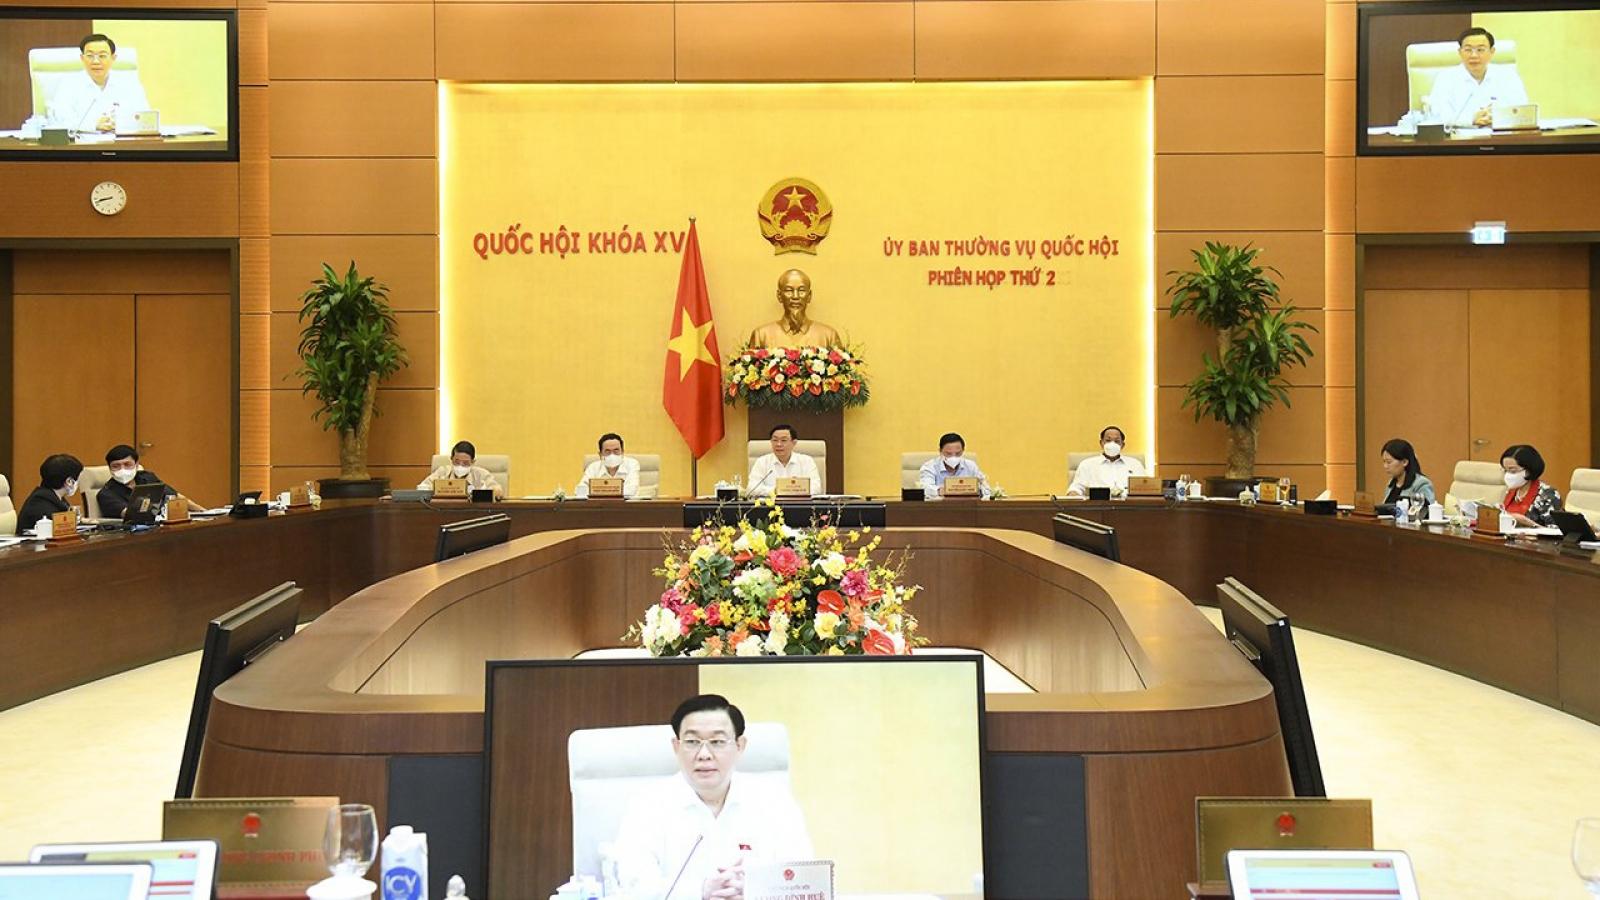 Thường vụ Quốc hội sẽ xem xét chính sách đặc thù cho Thanh Hoá